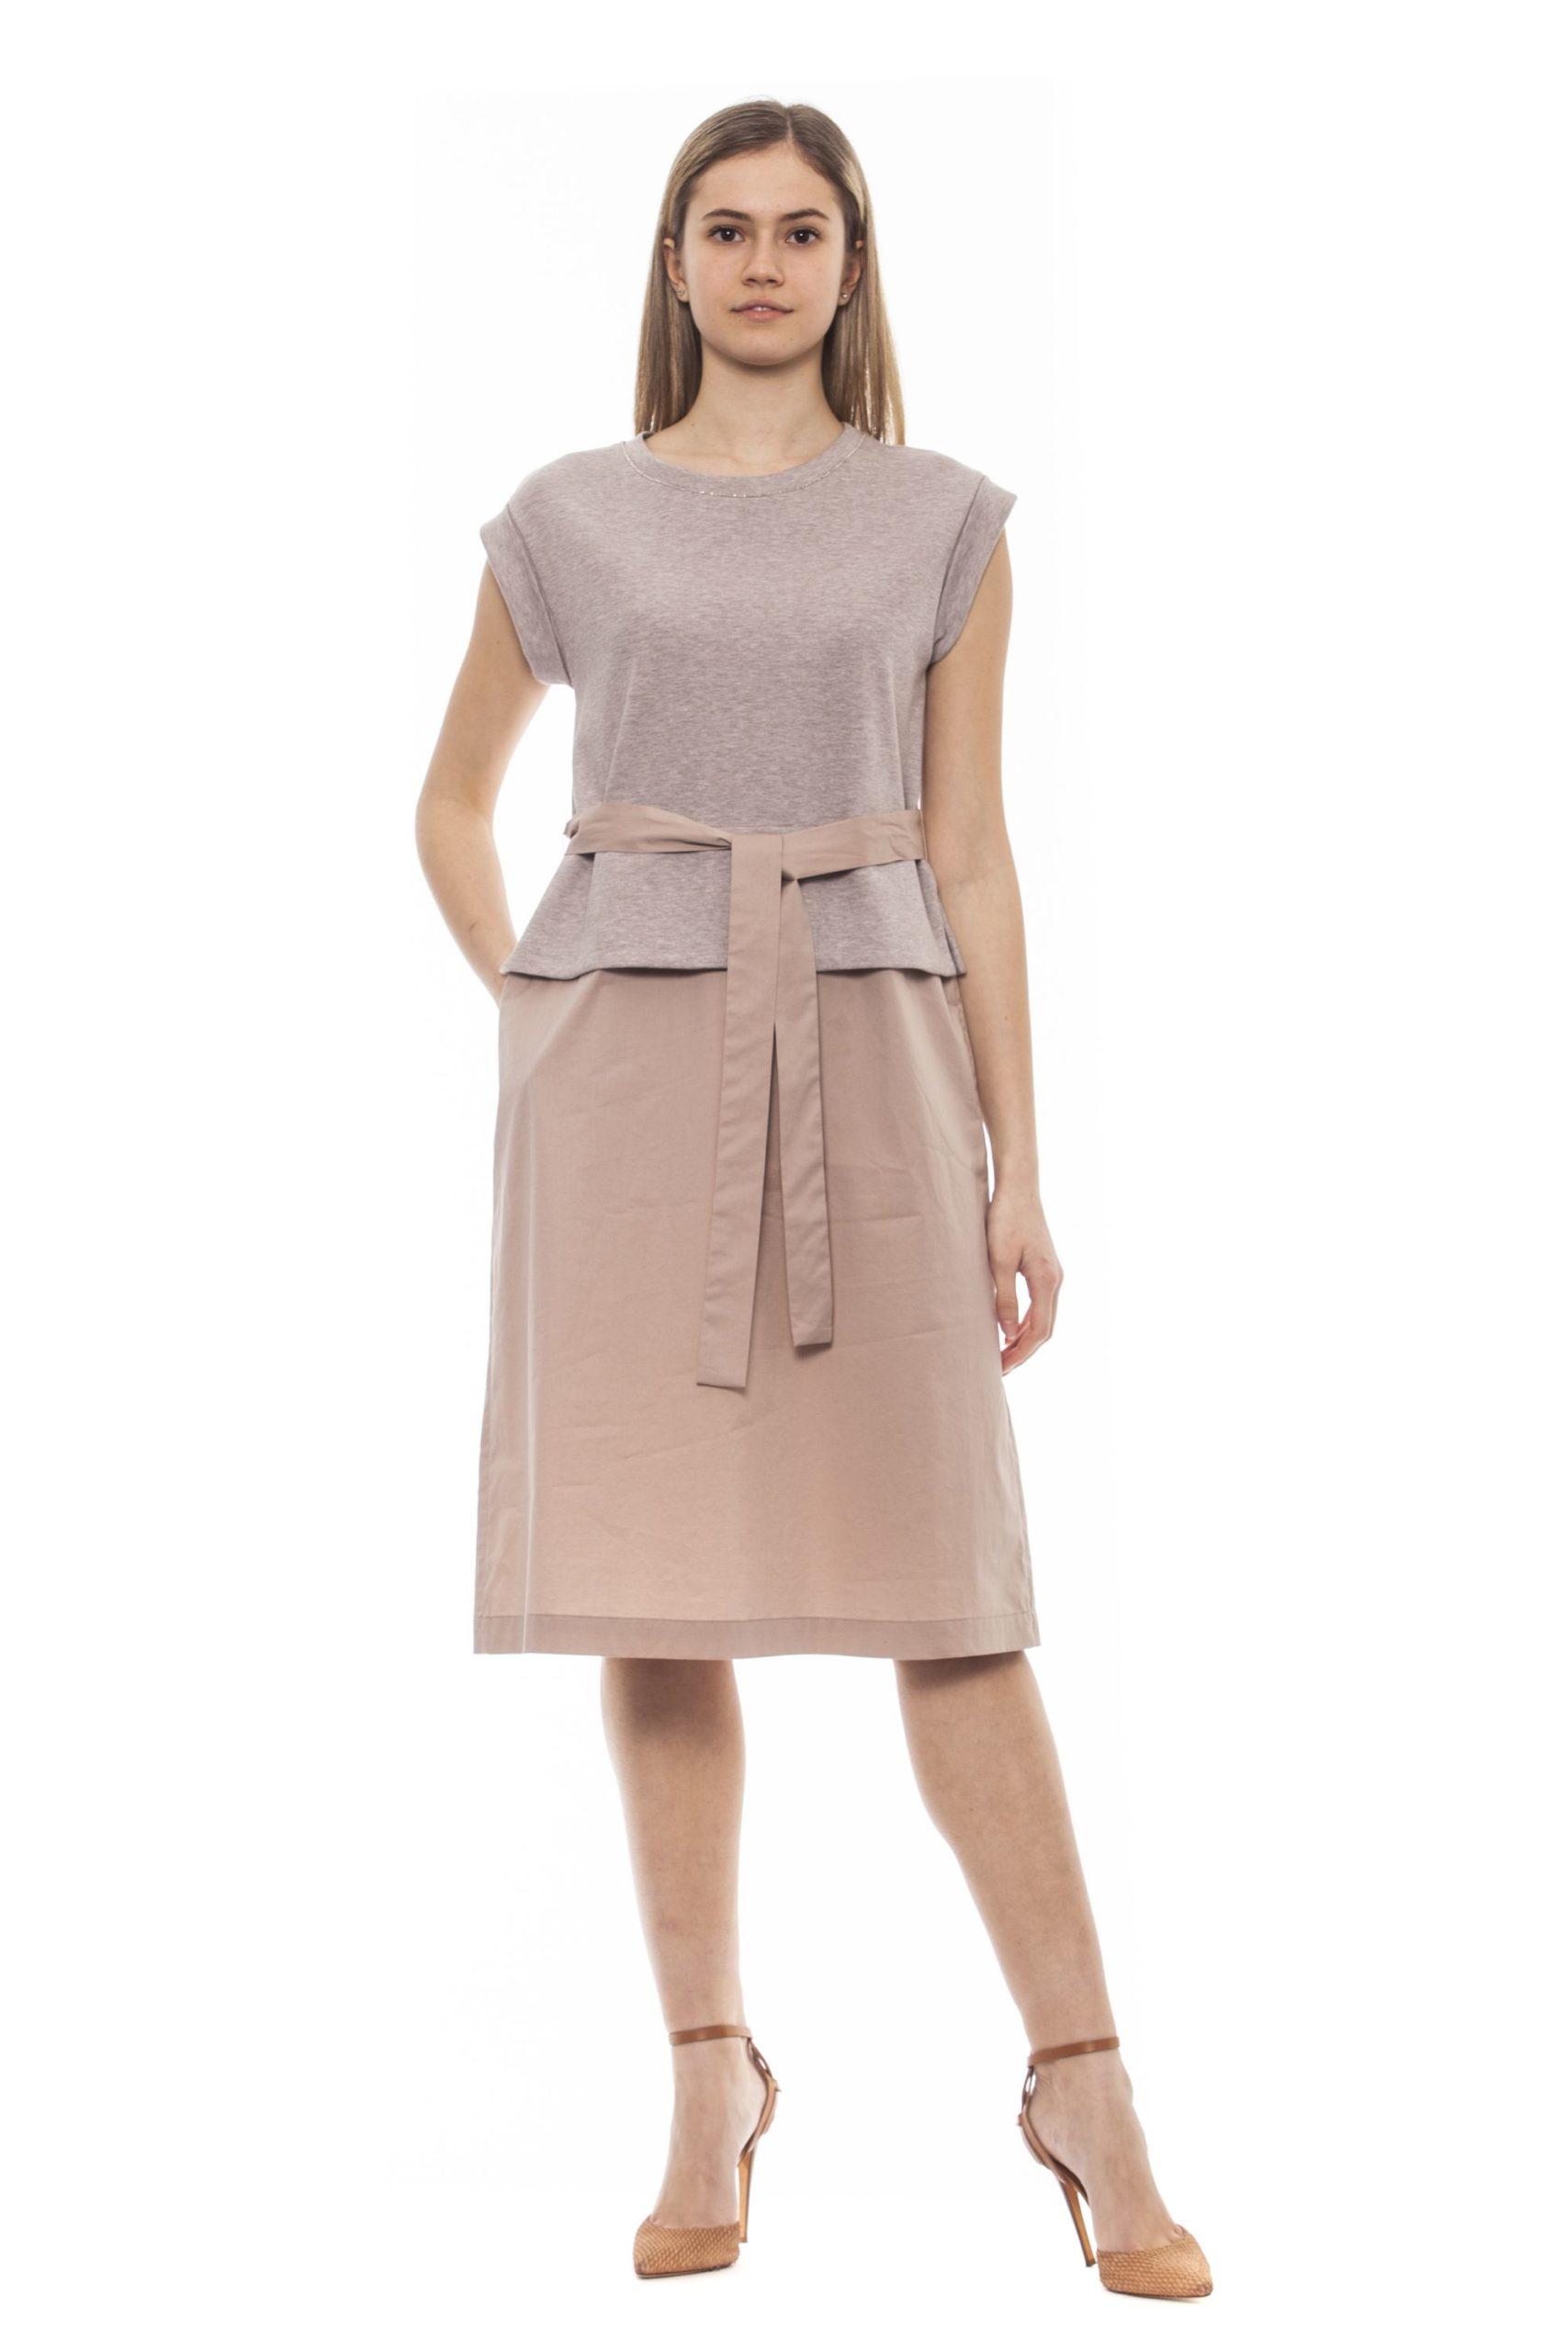 Peserico Women's Bianco Dress Beige PE1383220 - IT42   S